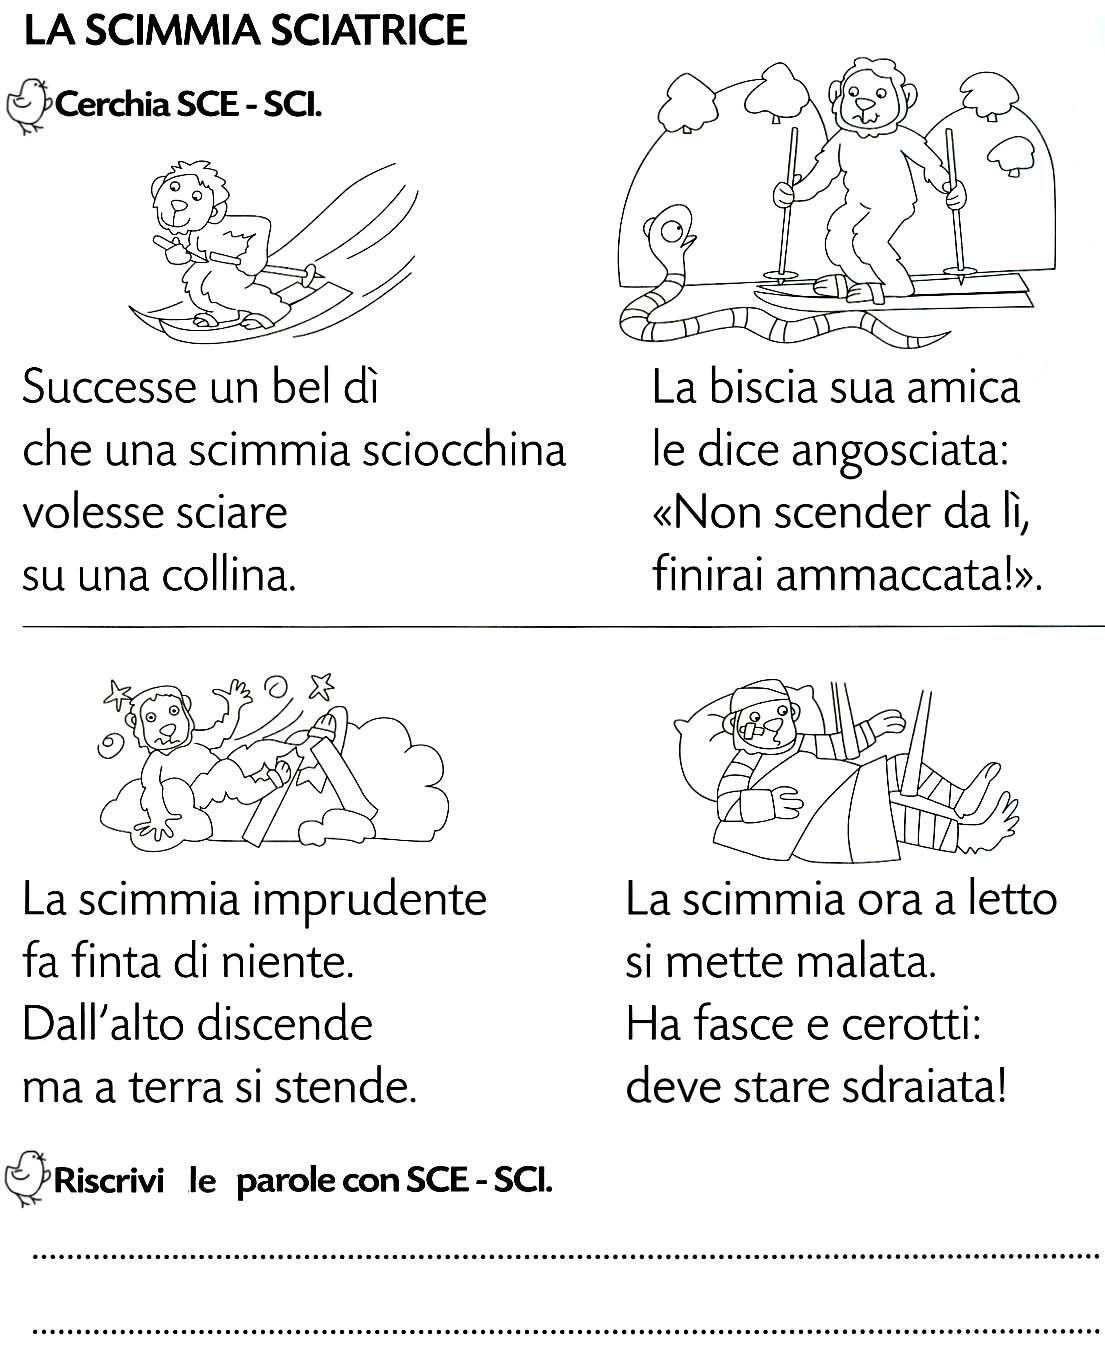 Sci sce didatt italian grammar learning italian e for Dettato con sca sco scu